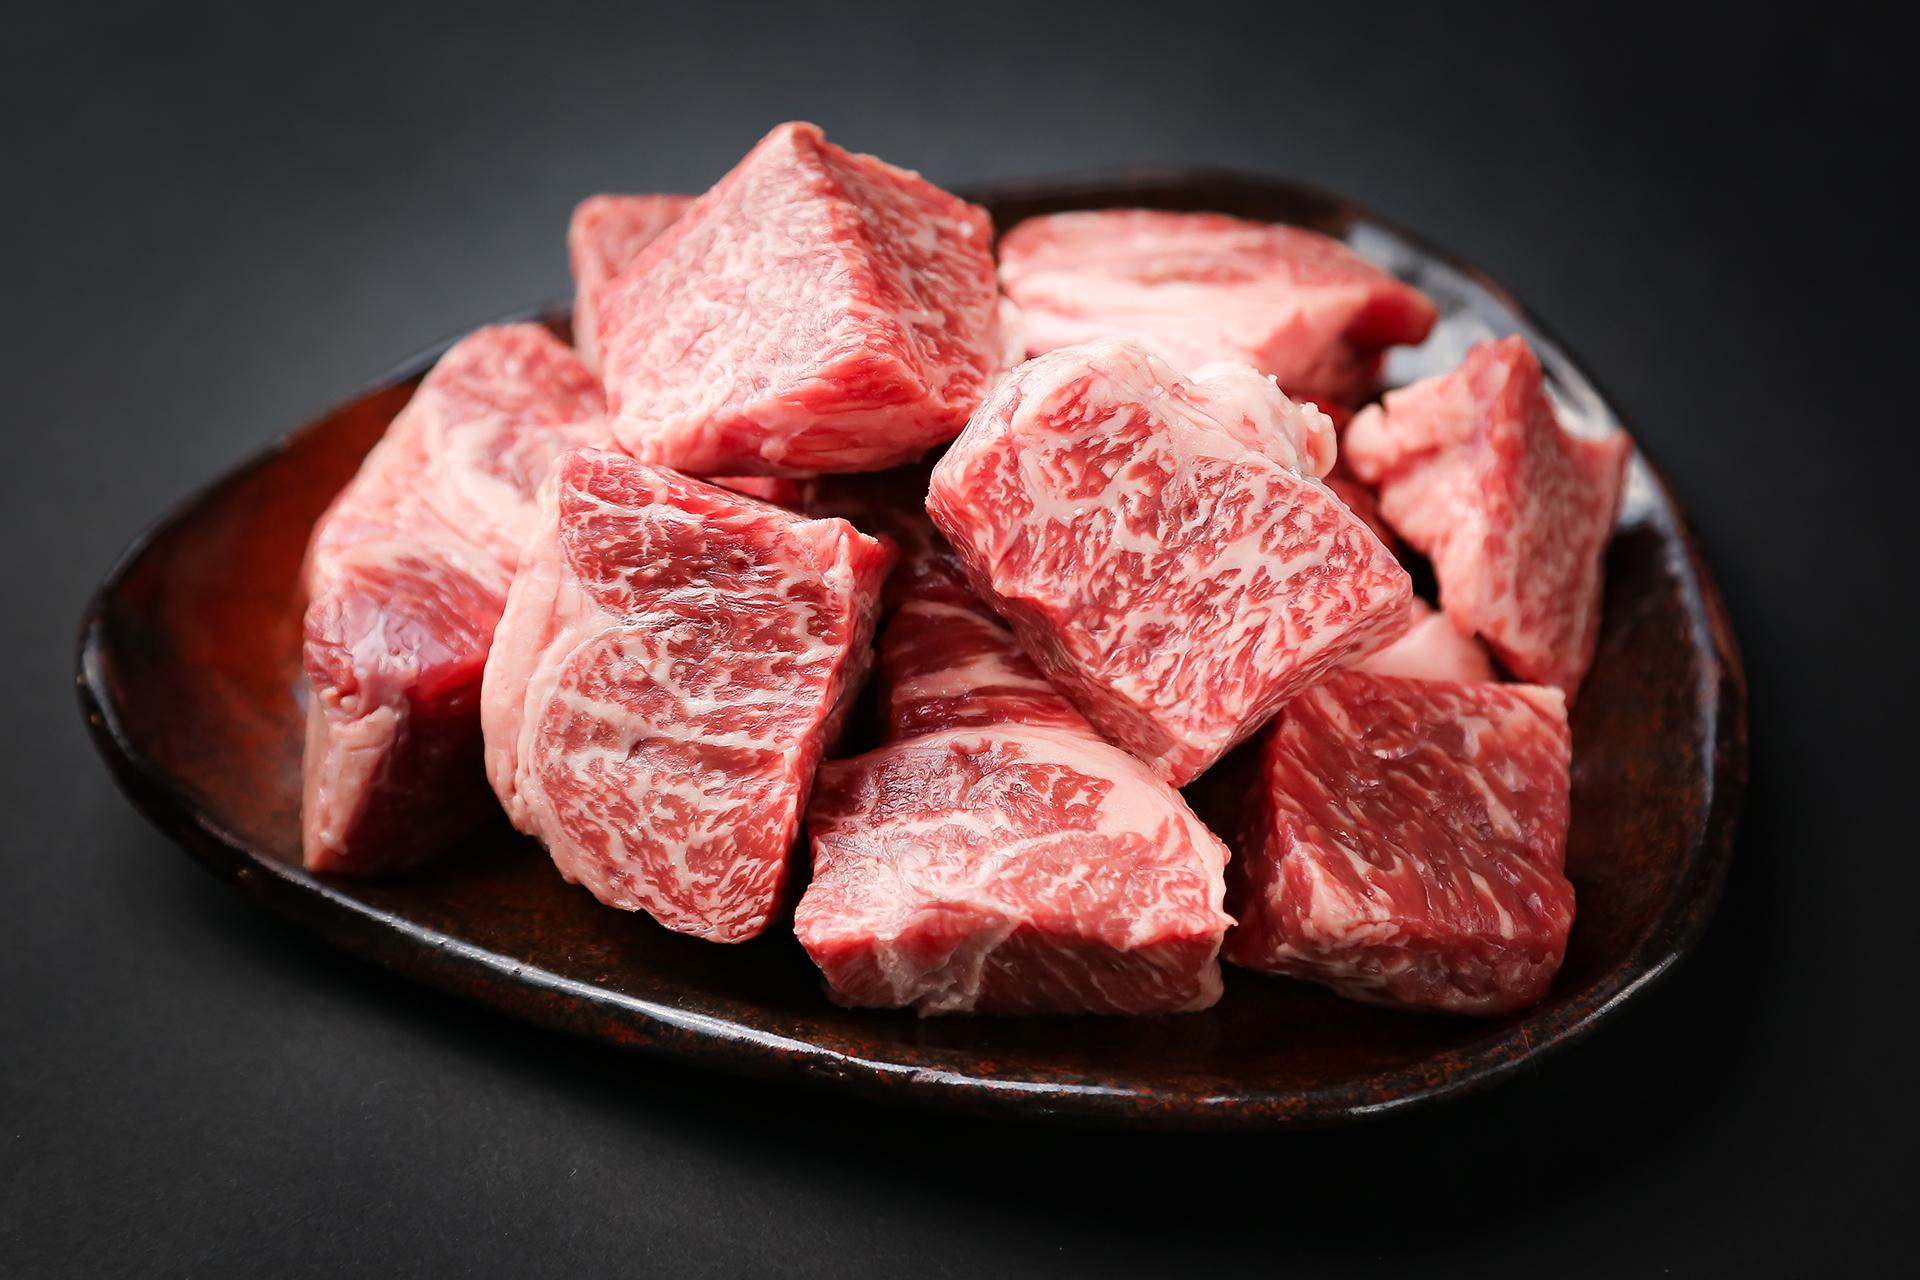 煮込み用肉の盛合せ300g